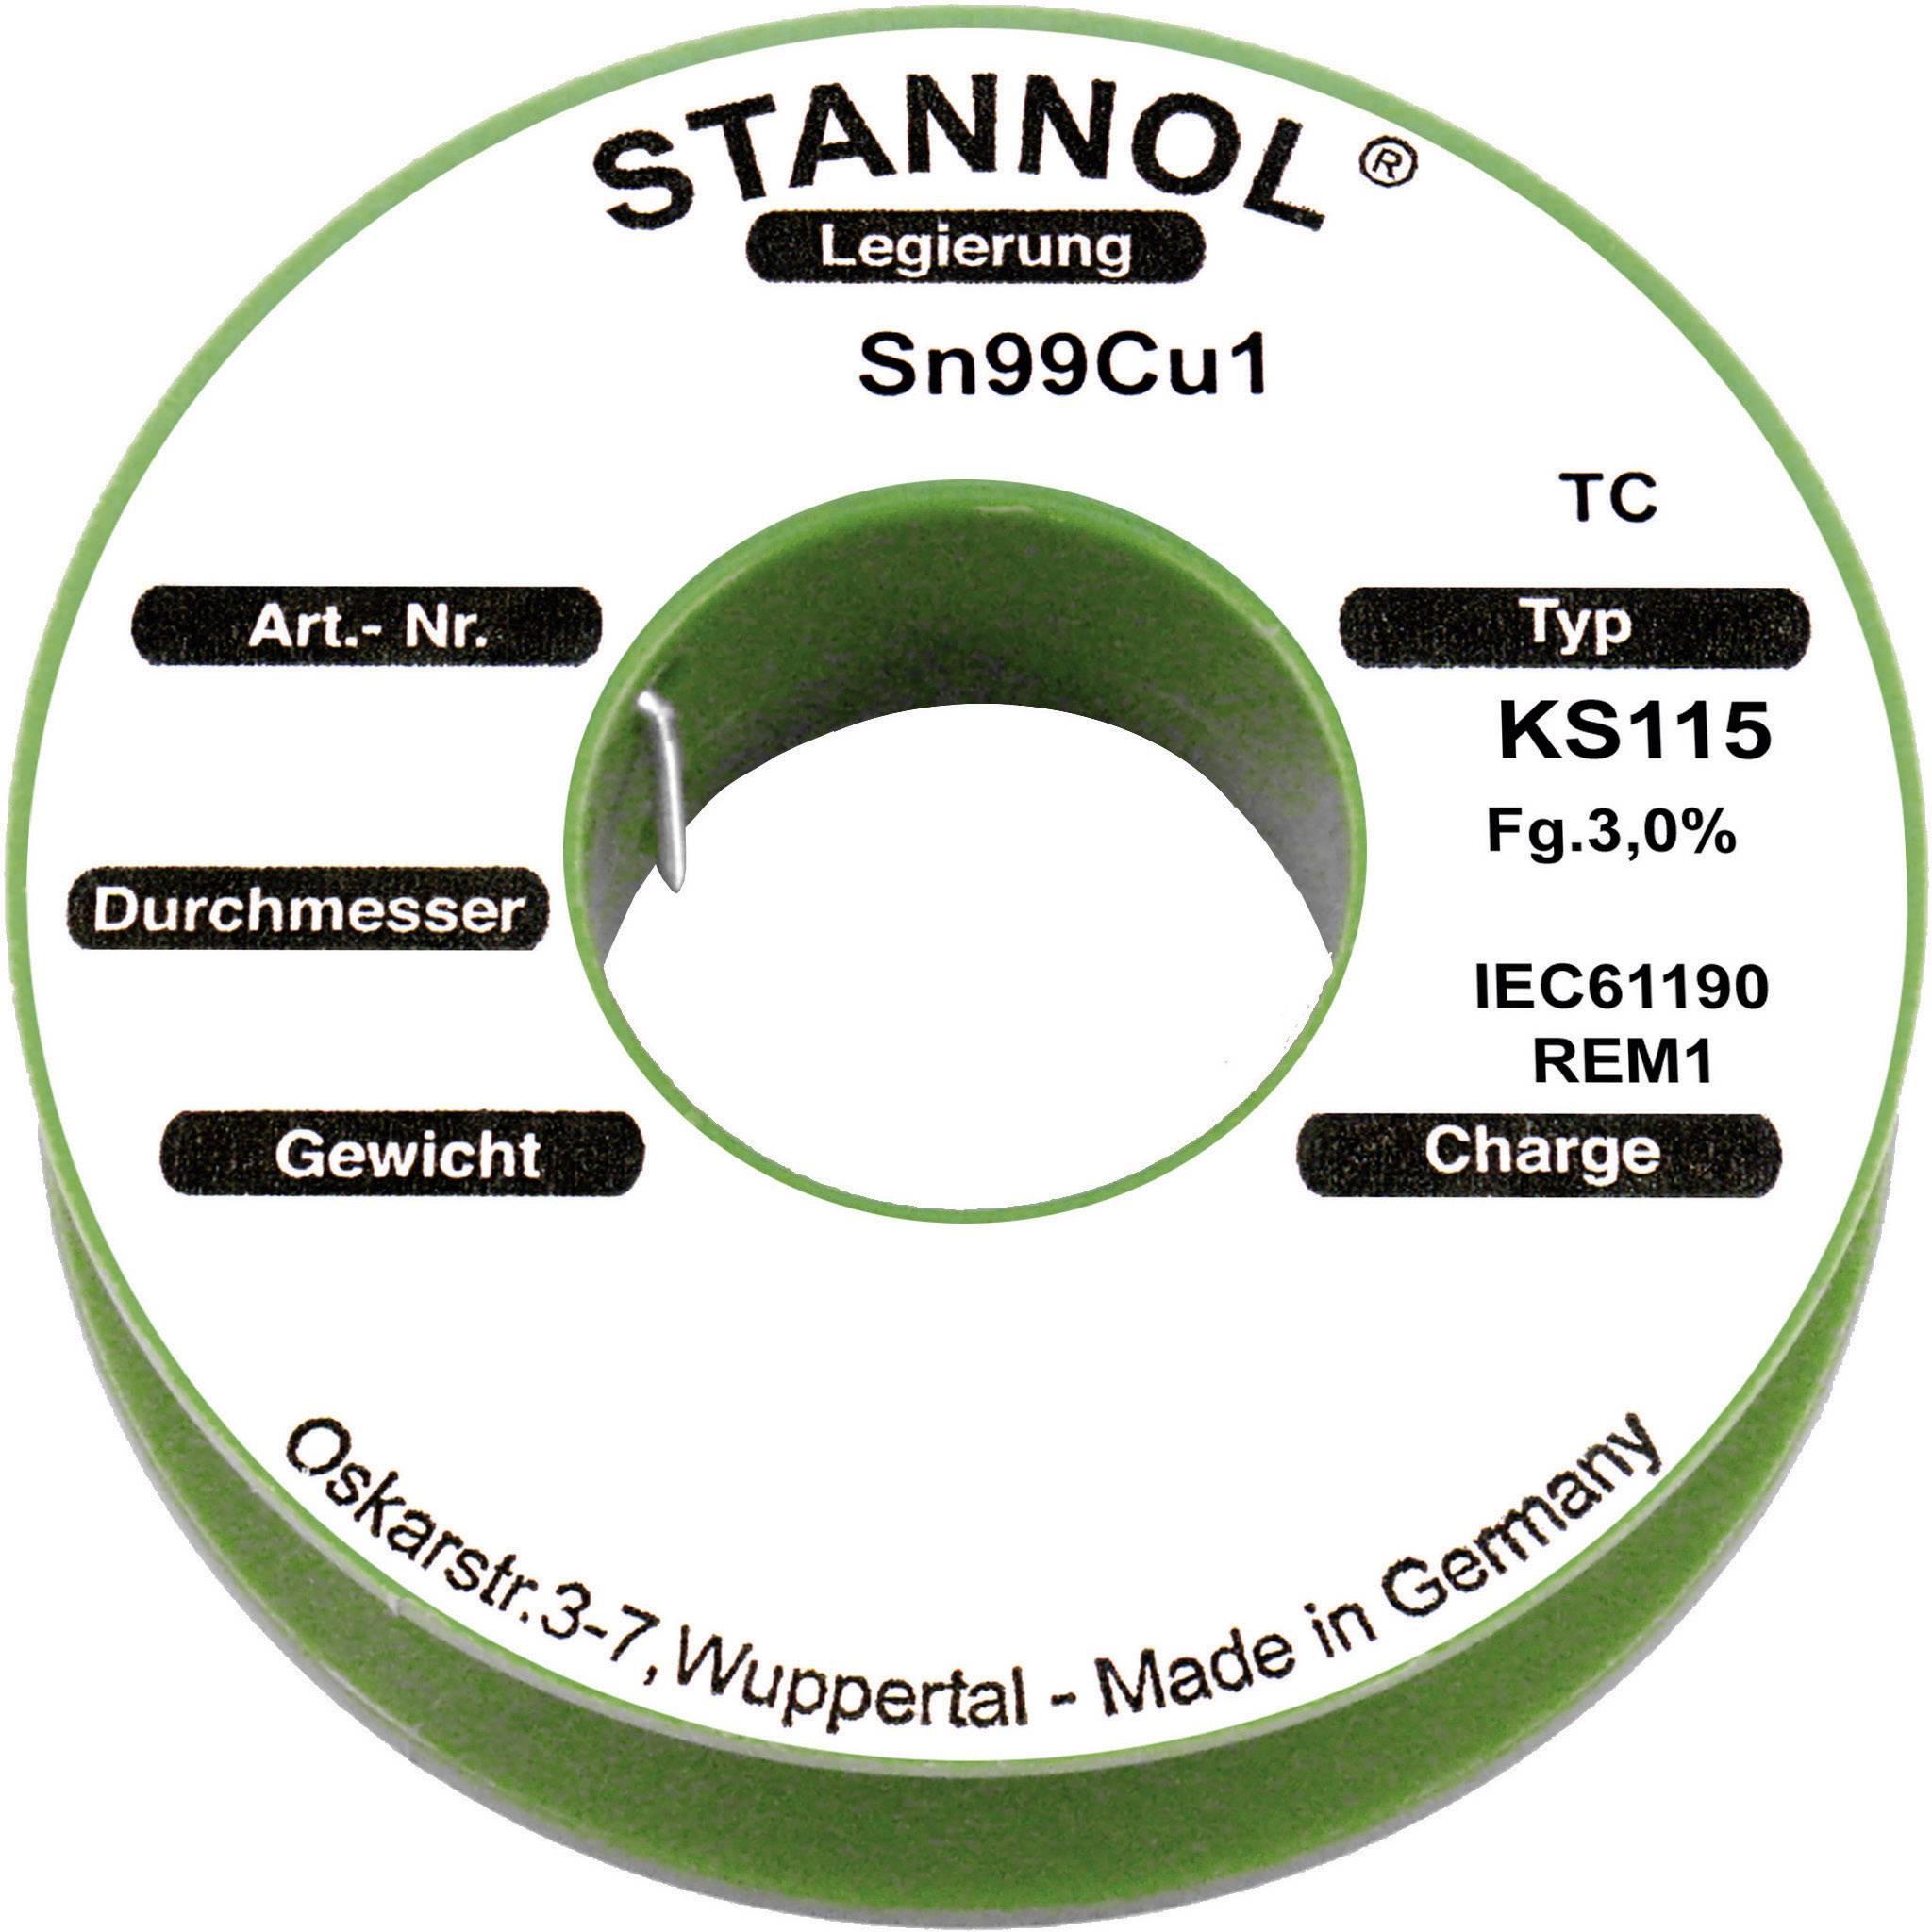 Cínová spájka PBF Sn99Cu1, Ø 0,3 mm, 100 g, Stannol KS115